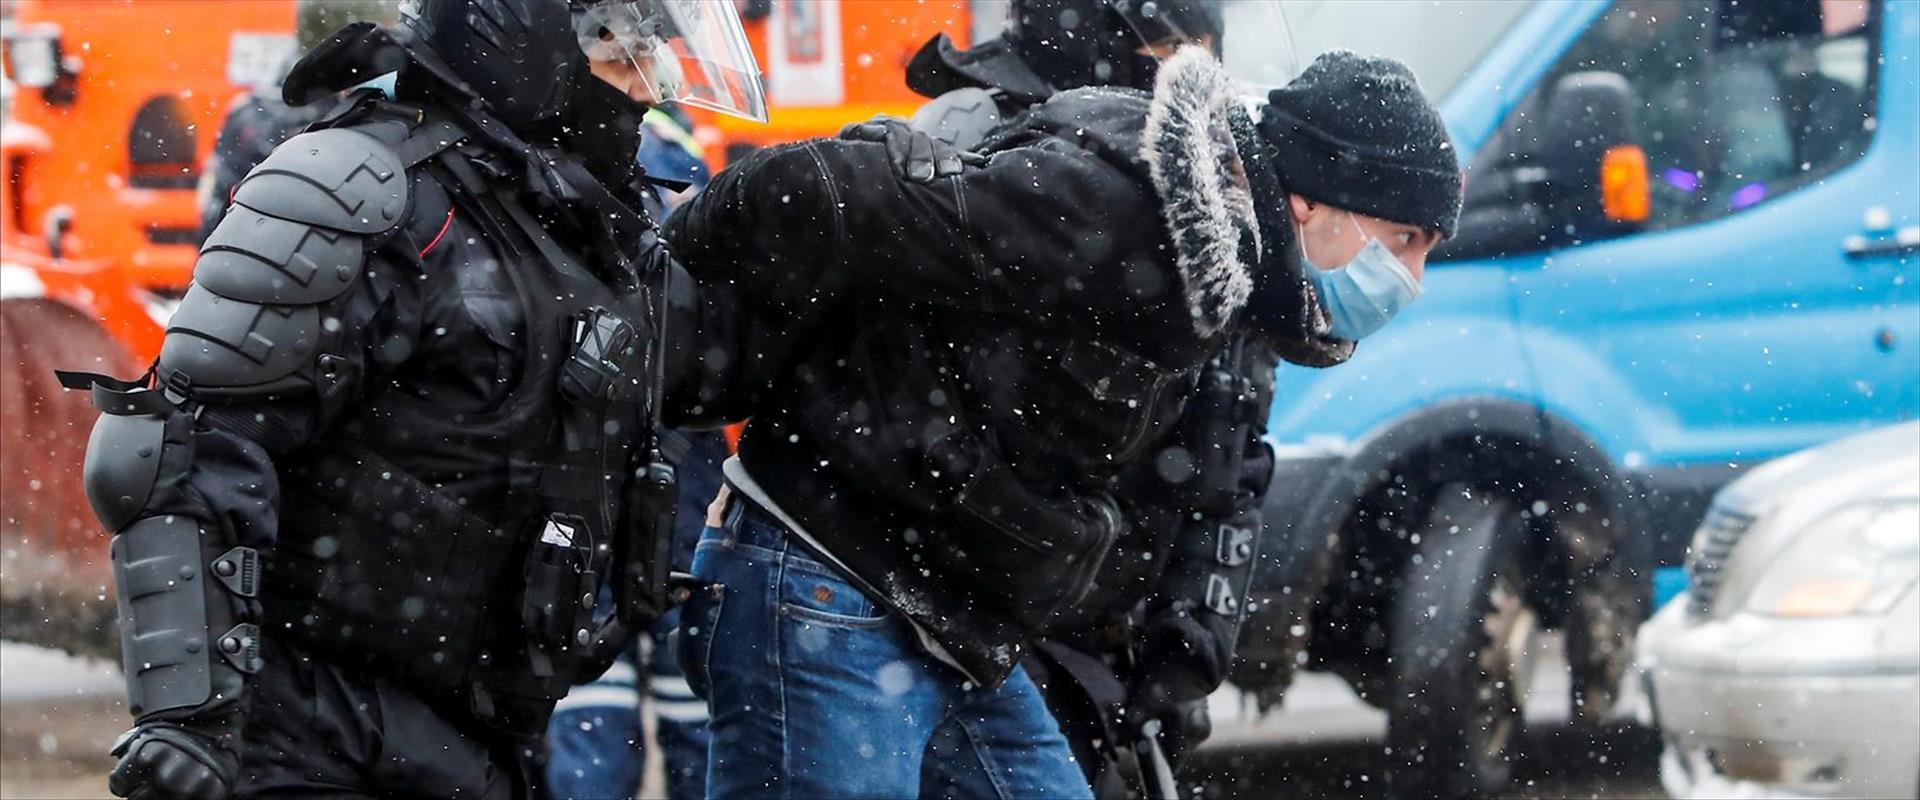 הפגנות התמיכה בנבלני במוסקווה